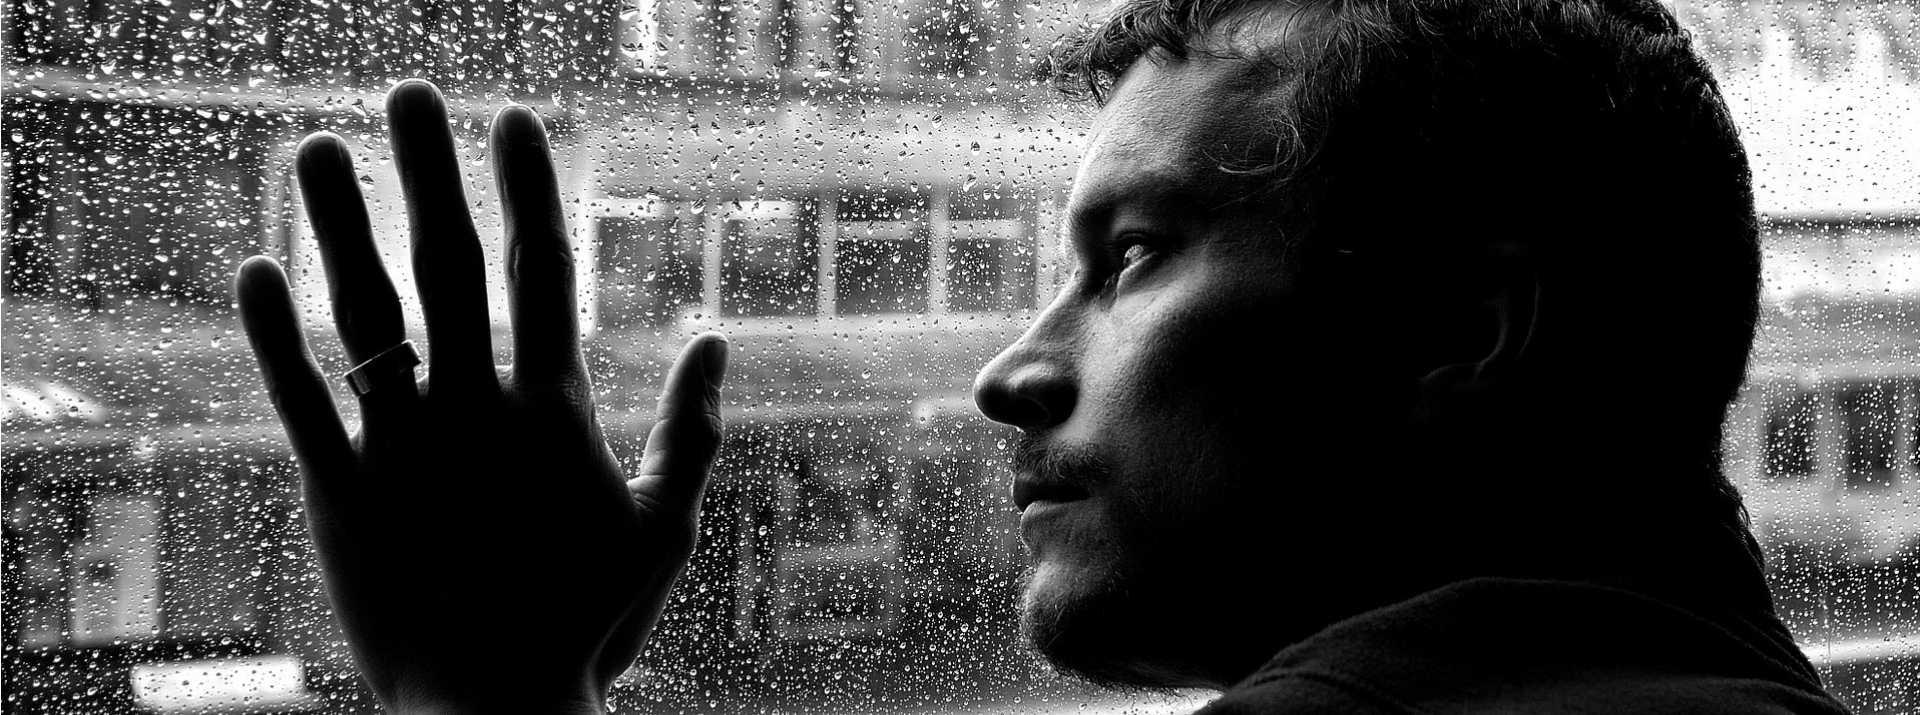 Por qué el mindfulness es efectivo en el tratamiento de la depresión_Impulsa Psicología